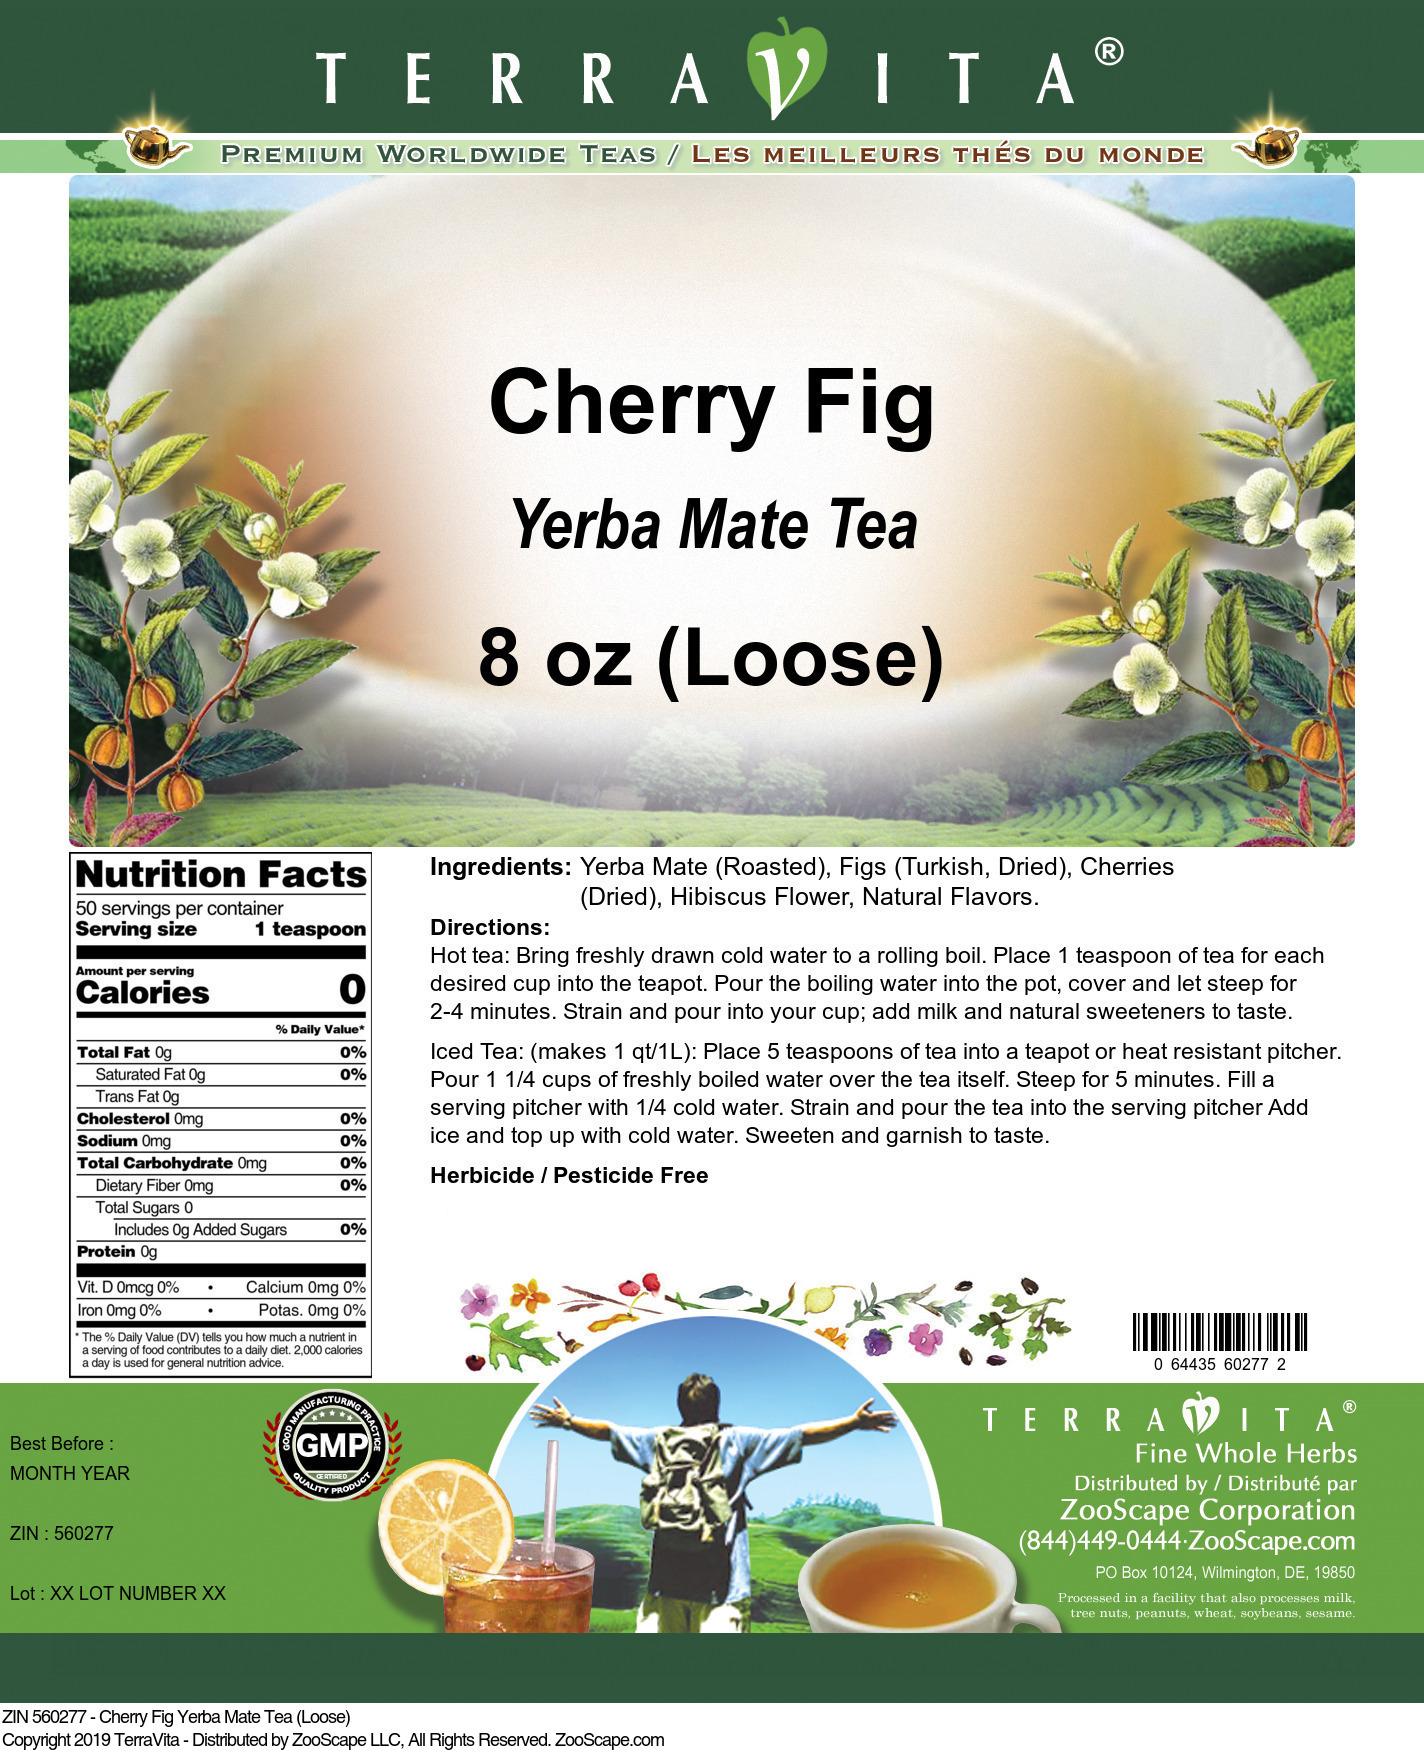 Cherry Fig Yerba Mate